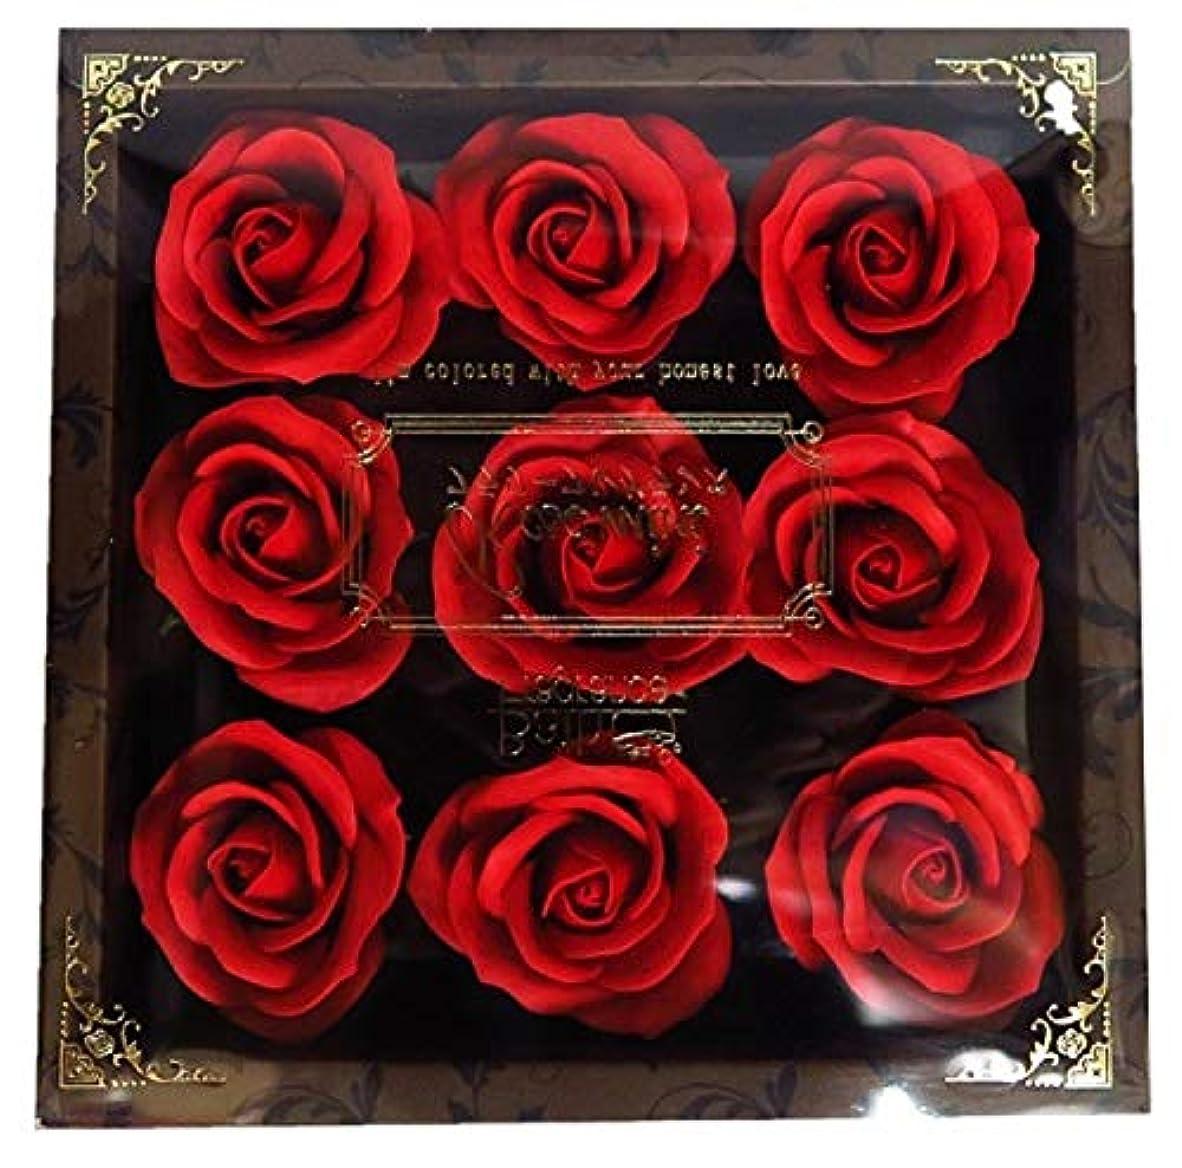 有望受益者揃えるバスフレグランス フラワーフレグランス ミニローズフレグランス(L)レッド ギフト お花の形の入浴剤 プレゼント ばら